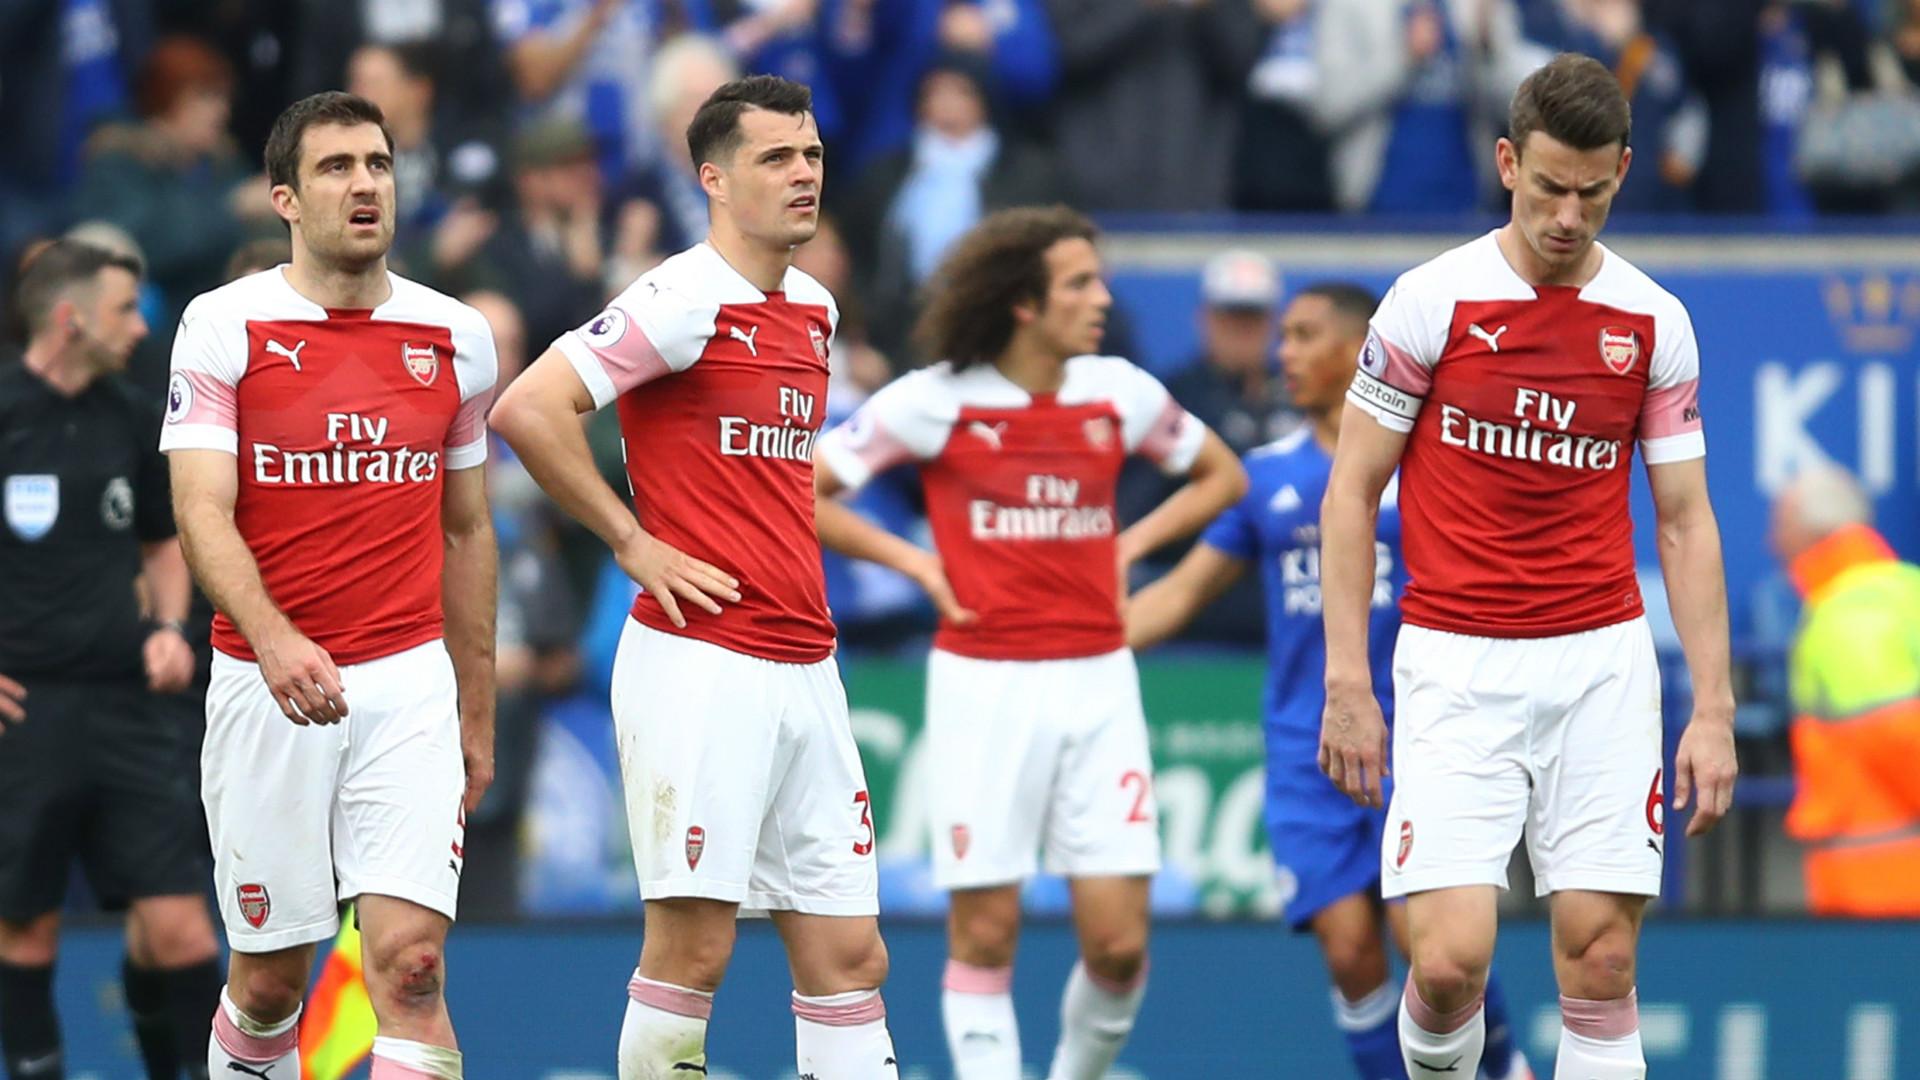 Những hệ lụy khó tin Arsenal phải đối mặt nếu không được dự Cúp C1 mùa tới